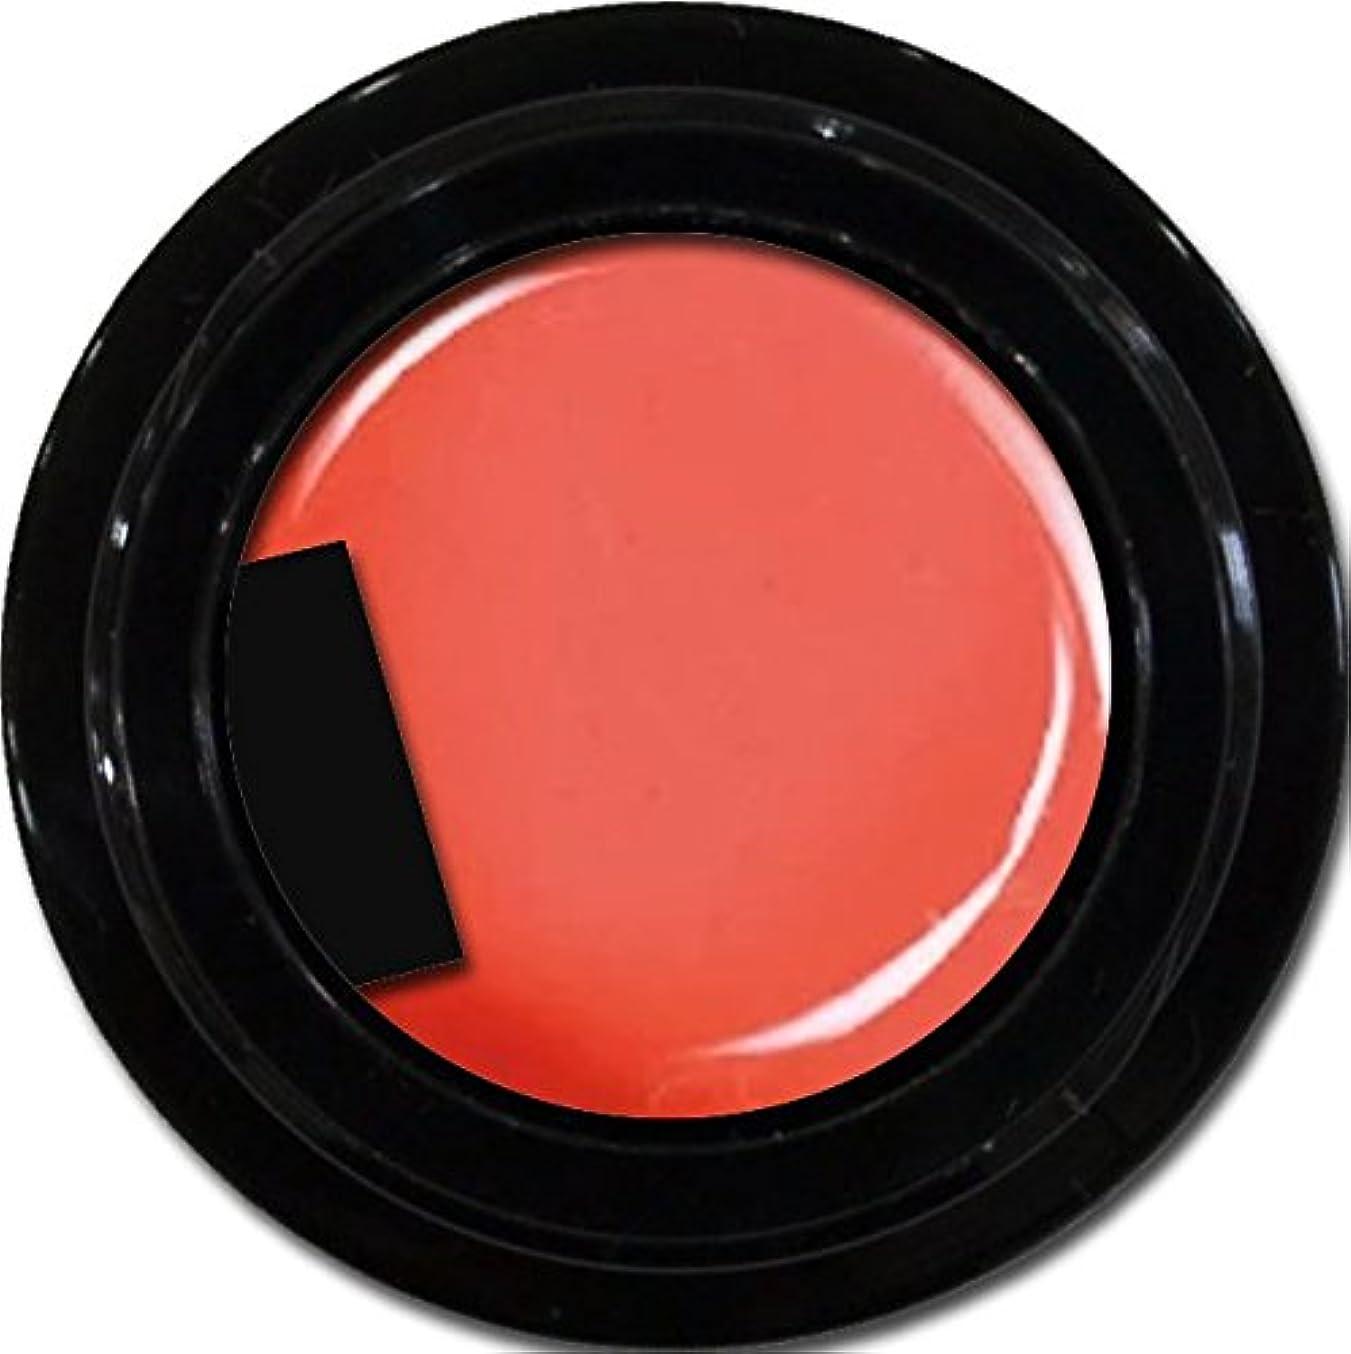 言い聞かせる鎮痛剤それカラージェル enchant color gel M301 FuzzyNavel 3g/ マットカラージェル M301 ファジーネーブル 3グラム